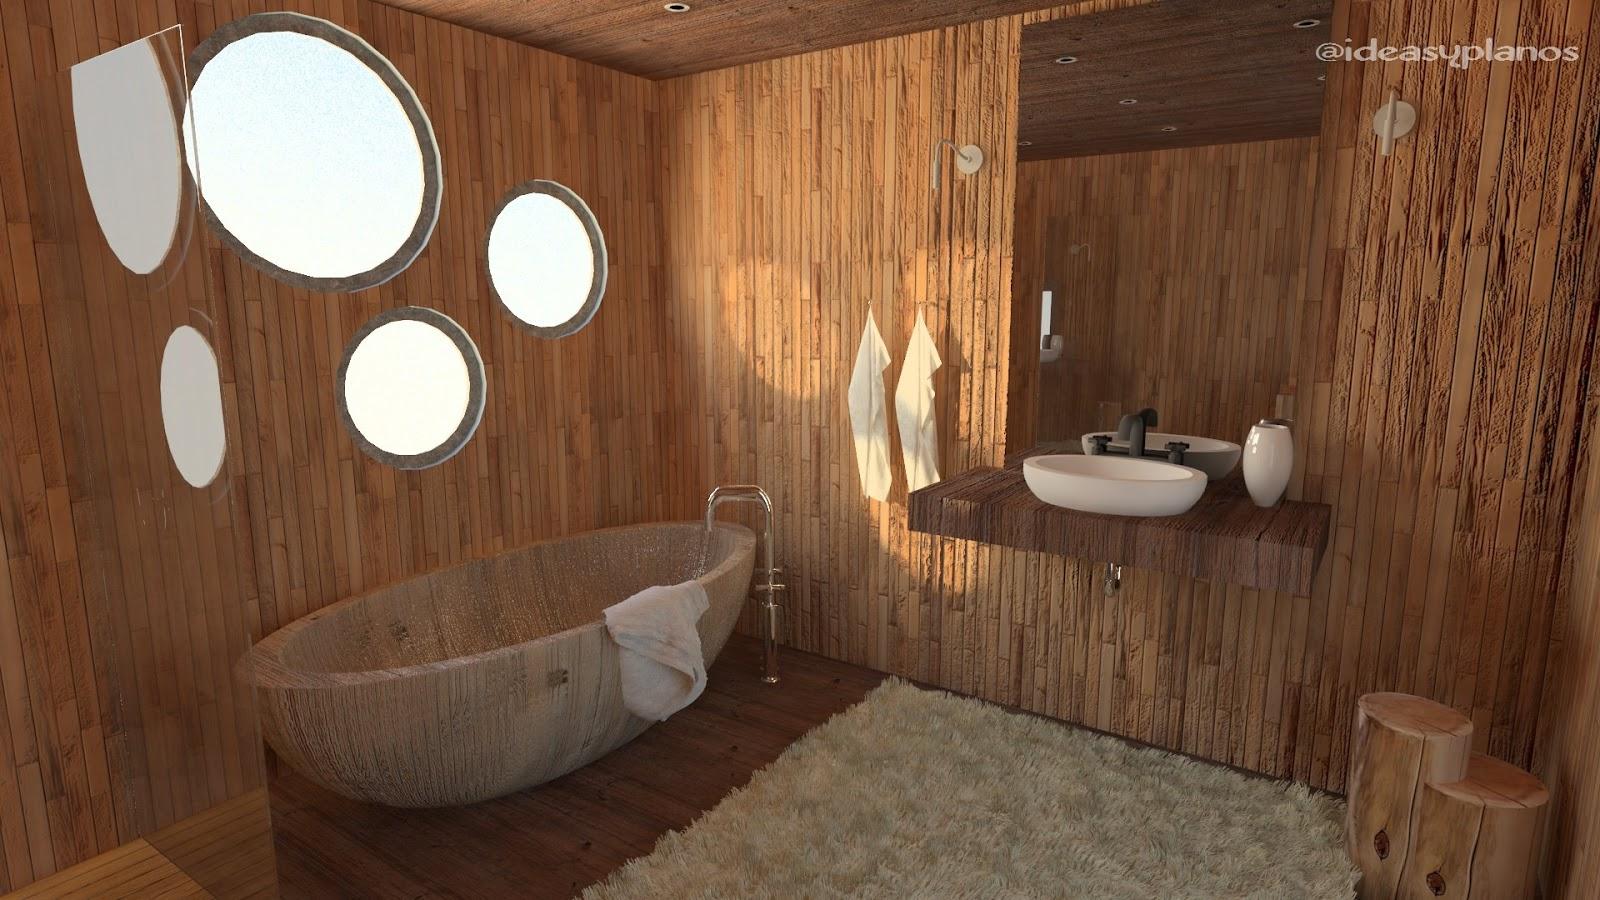 Ba os con madera un material cl sico en un ambiente moderno - Muebles para bano en madera ...